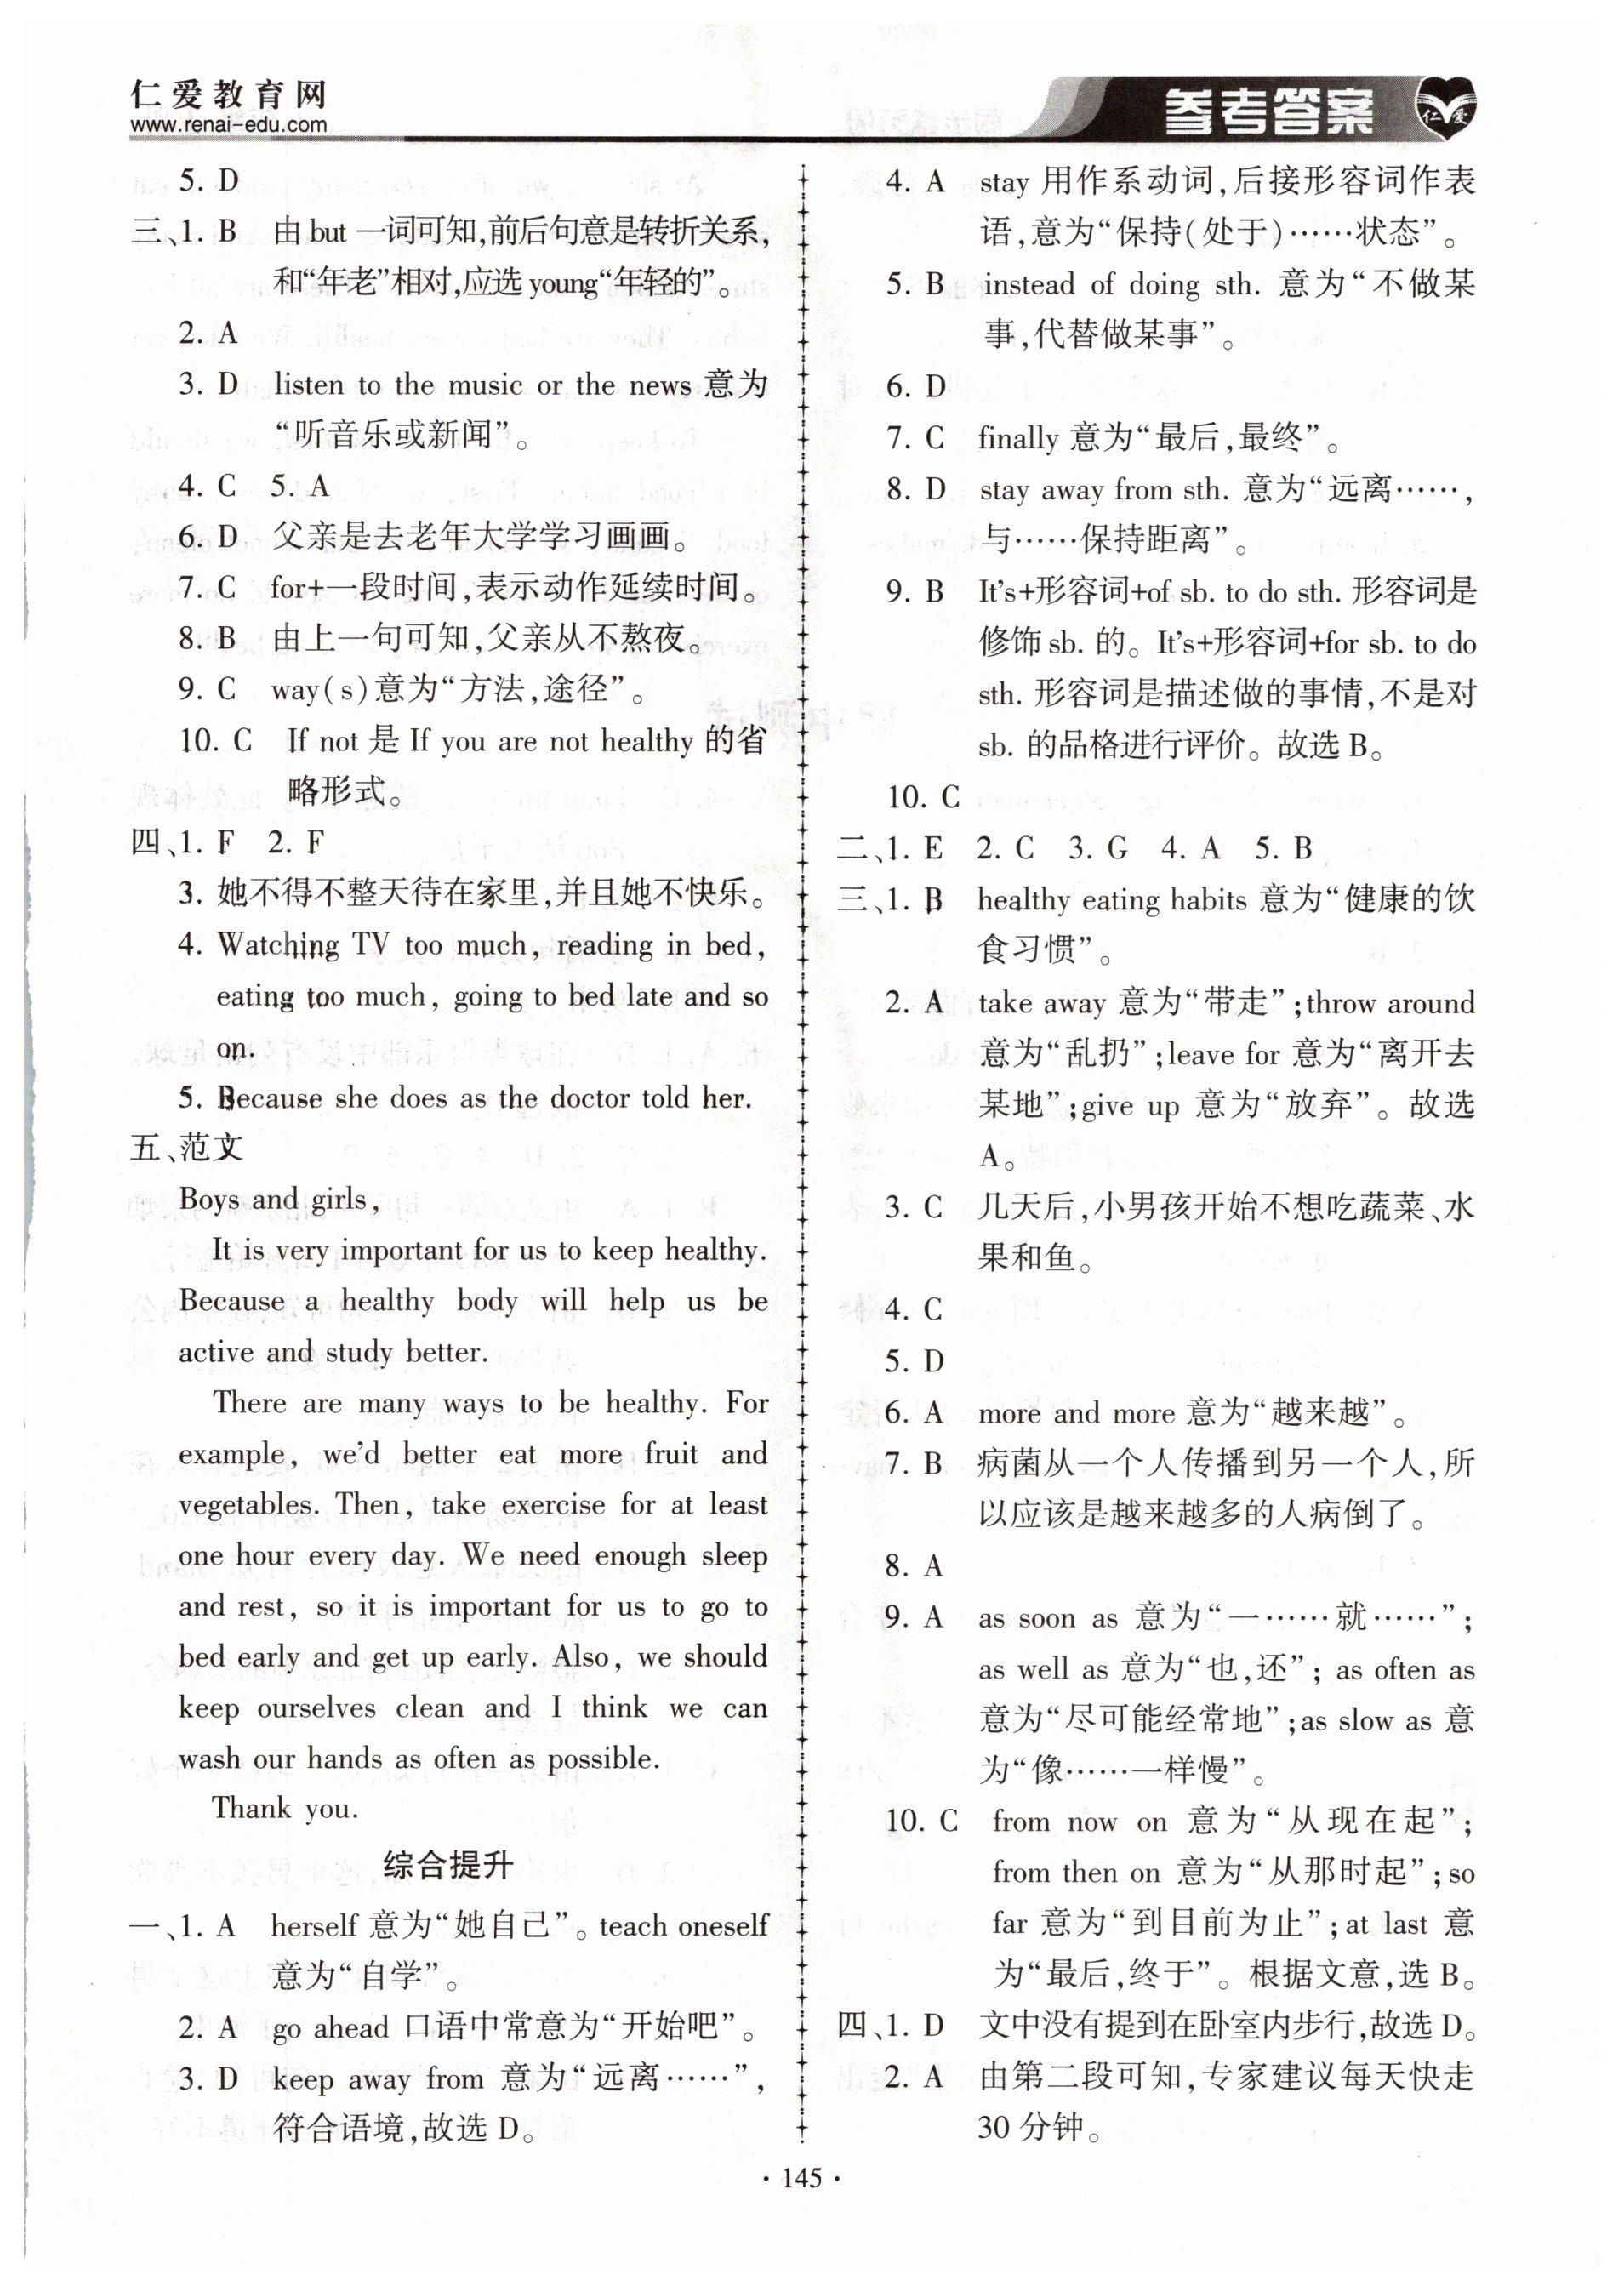 2018年仁爱英语同步练习册八年级上册仁爱版第15页